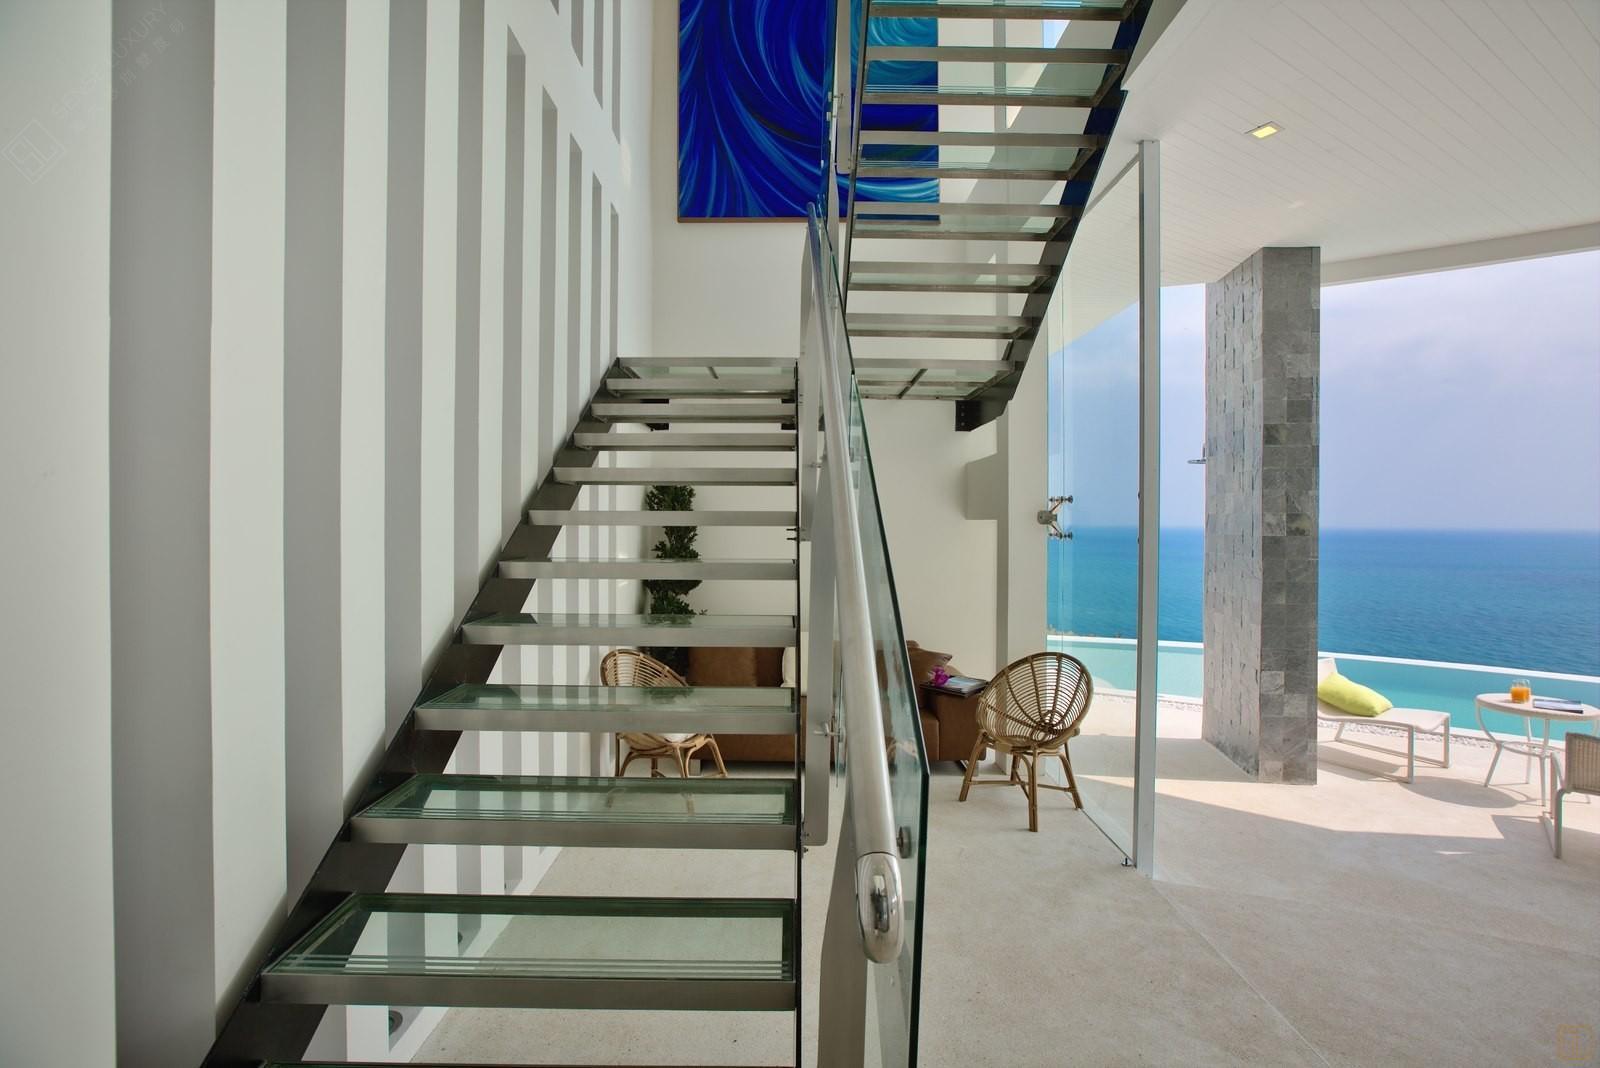 泰国苏梅岛萨瓦蒂别墅楼梯